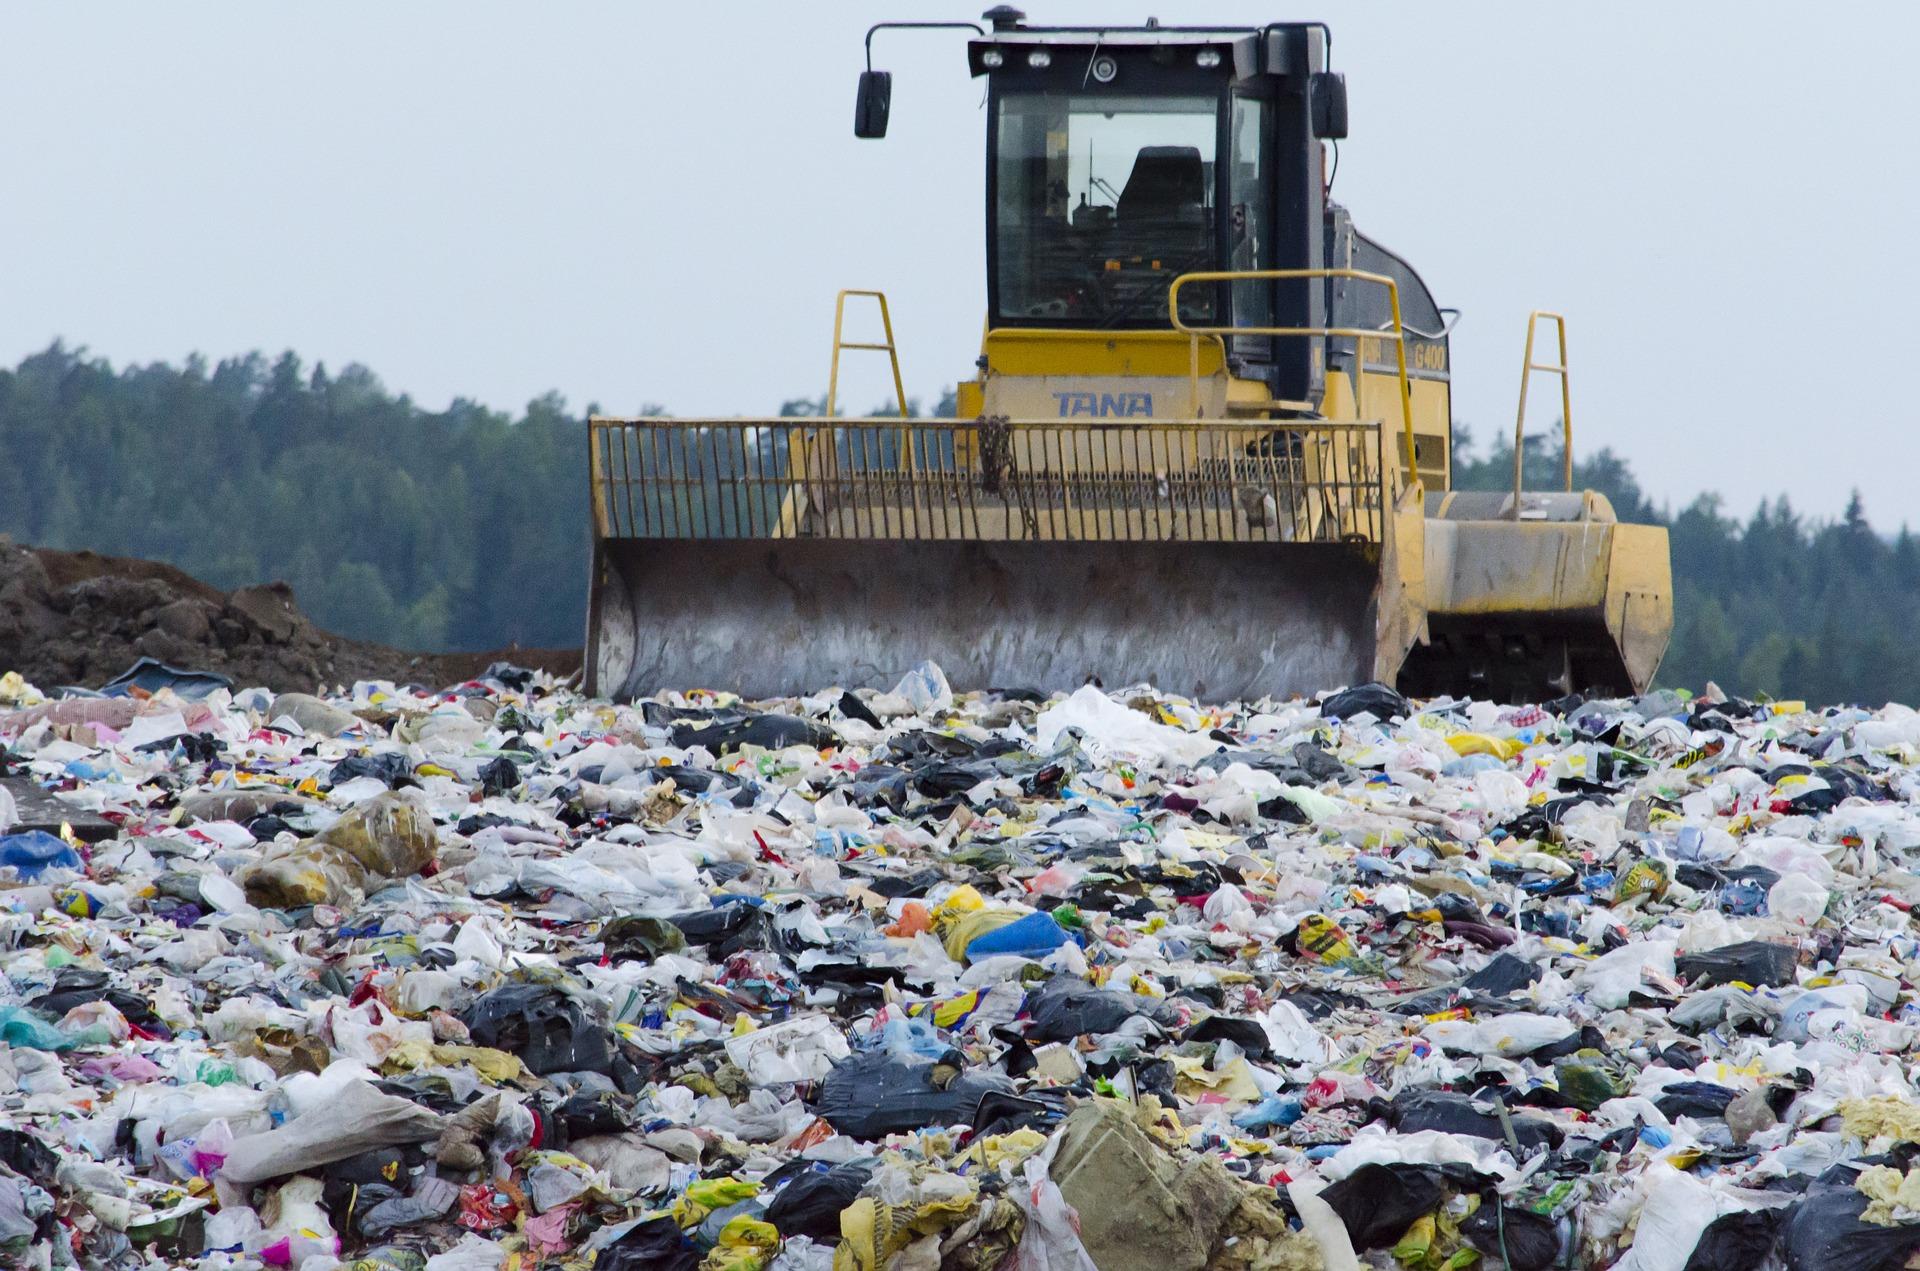 basura y contaminación